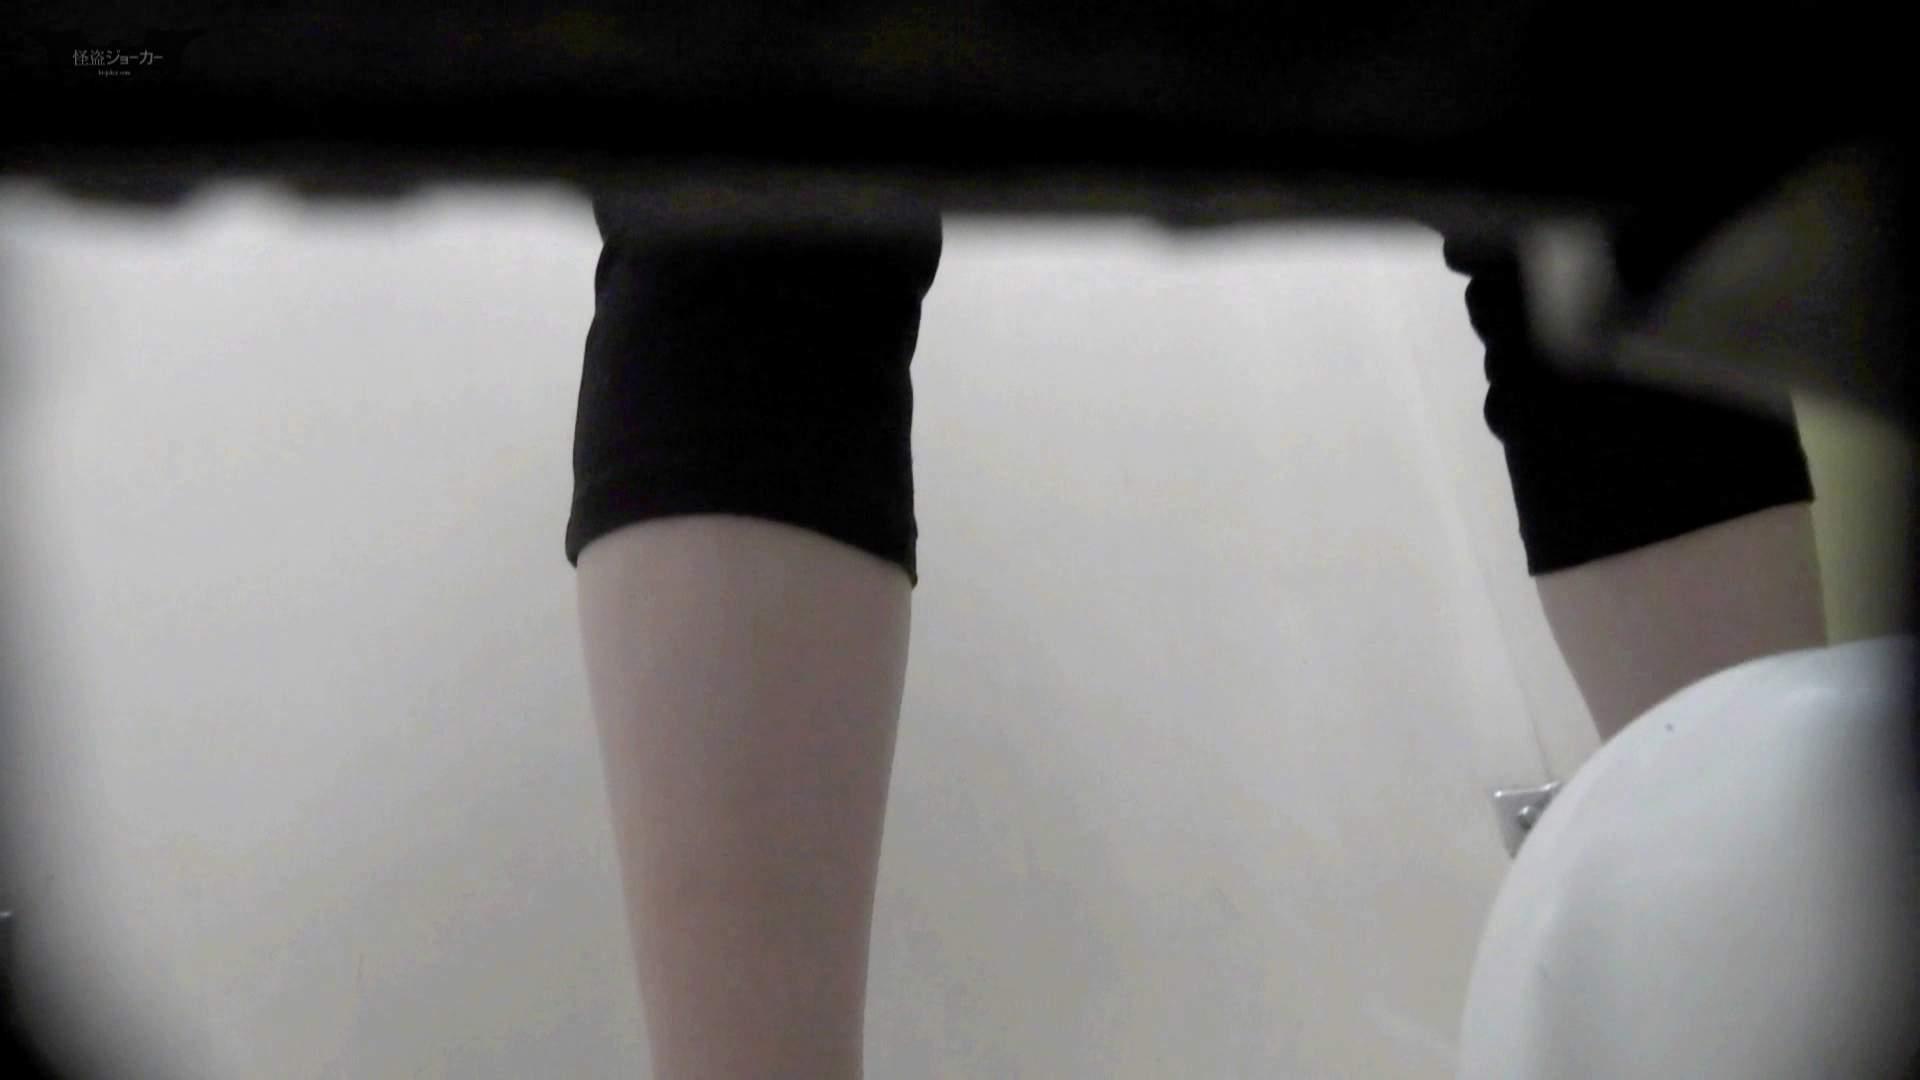 洗面所特攻隊 vol.68 前回のスーパー美女がついに【2015・14位】 洗面所着替え   OL  97連発 41